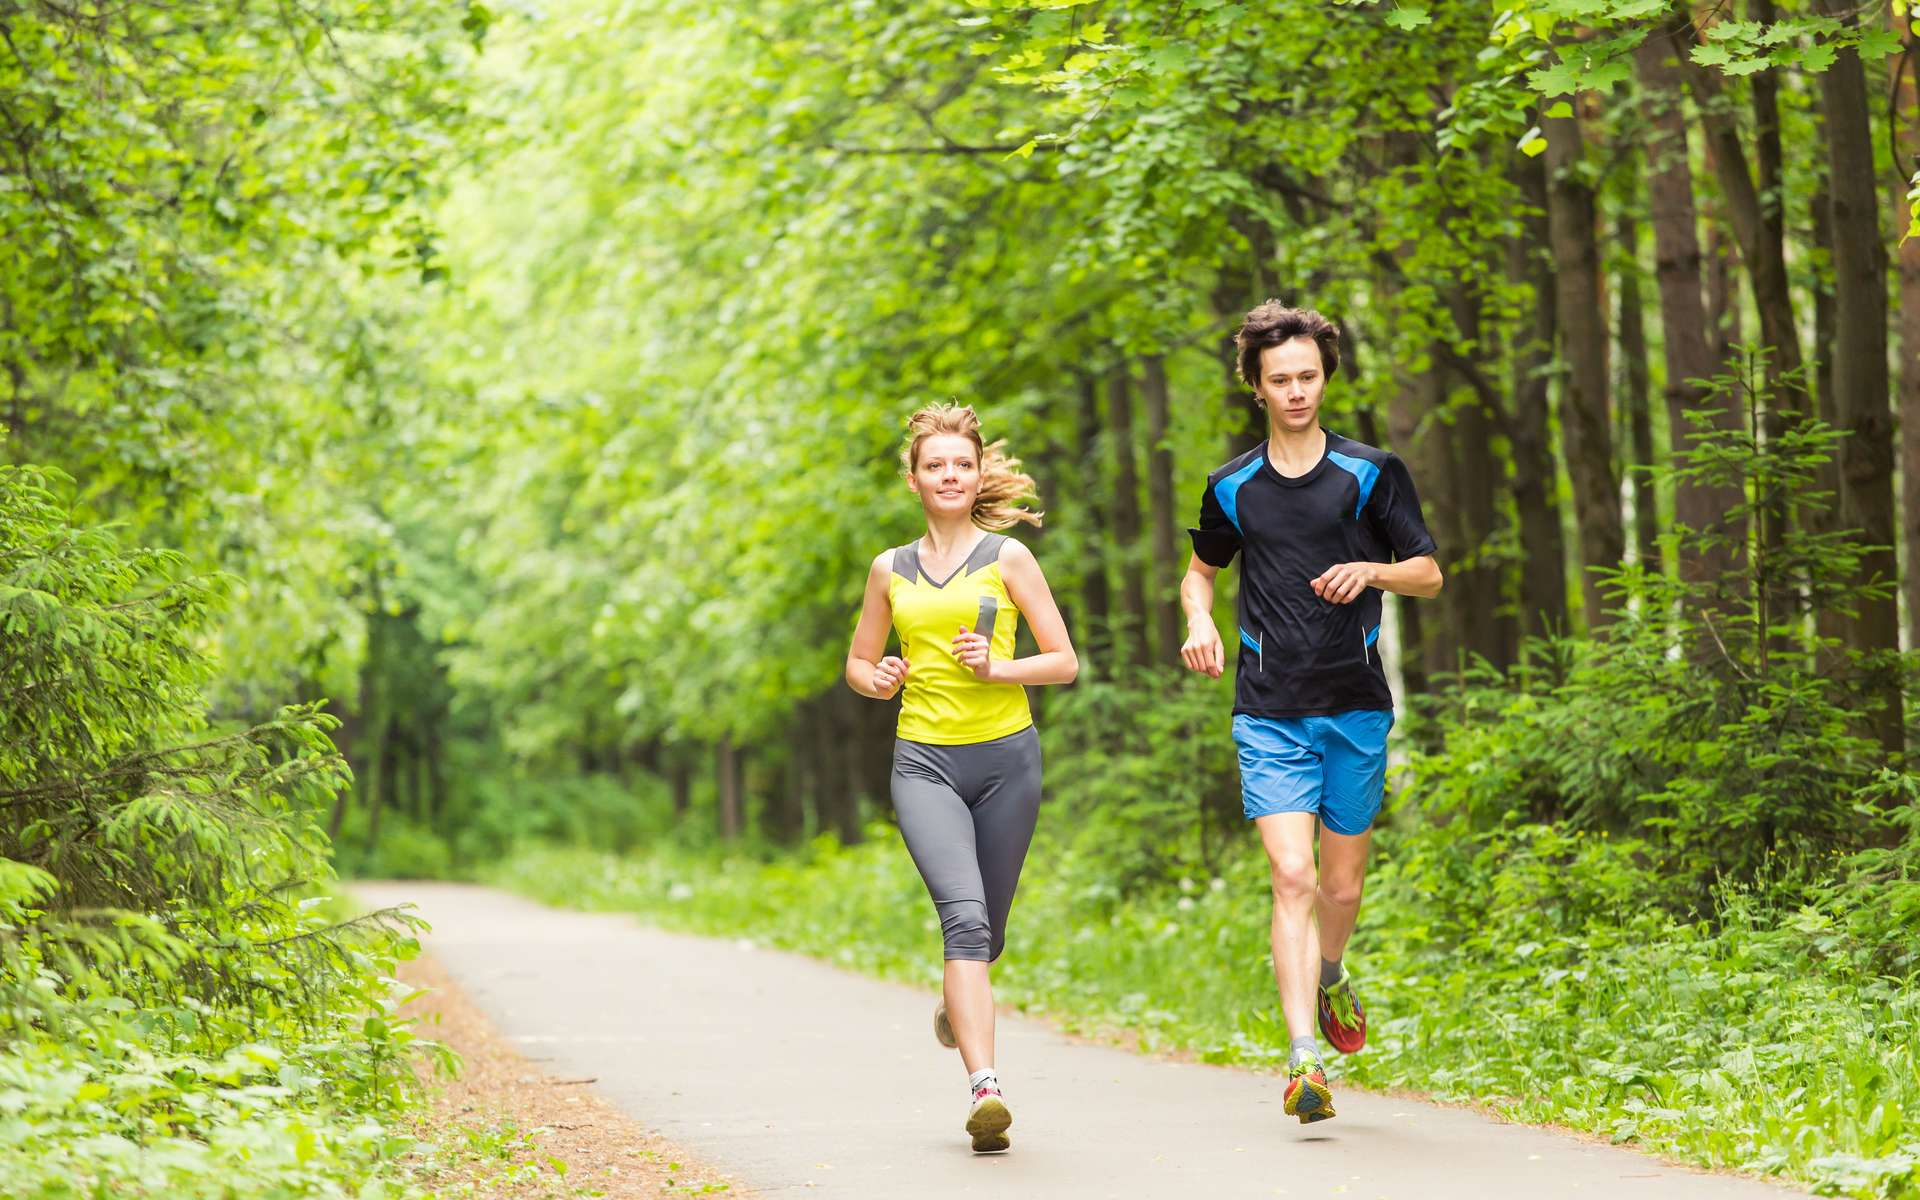 La course à pied est un sport bénéfique pour la santé. © Satura, Adobe Stock